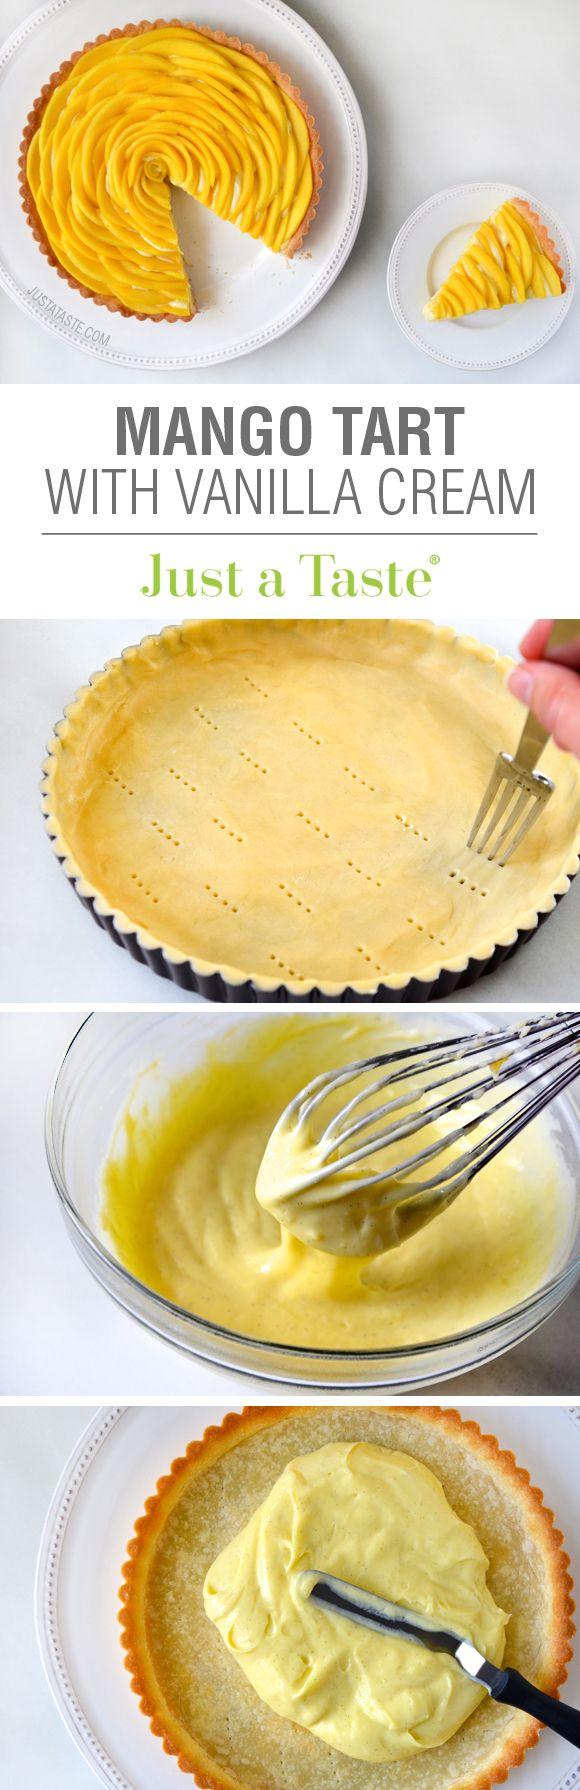 Mango Tarta con crema de vainilla pasteles DEBERES: 45 MINUTOSCOCINAR: 20 MINUTOSRENDIMIENTO: 1 TARTA (9 PULGADAS) PARA LA CORTEZA 1 taza deharina para todo uso1/3 de tazade azúcar impalpable1/8 cucharadita desal1/2 taza(1 barra) de mantequilla sin sal, fría y en cubos PARA EL RELLENO 3yemas de huevo grande1/4 tazade azúcar2 cucharadas deharina para todo uso2 cucharadas defécula de maíz1 1/4 tazasde leche entera1/2de una vaina de vainilla, el corte longitudinal3mangos grandes, cortadas en…